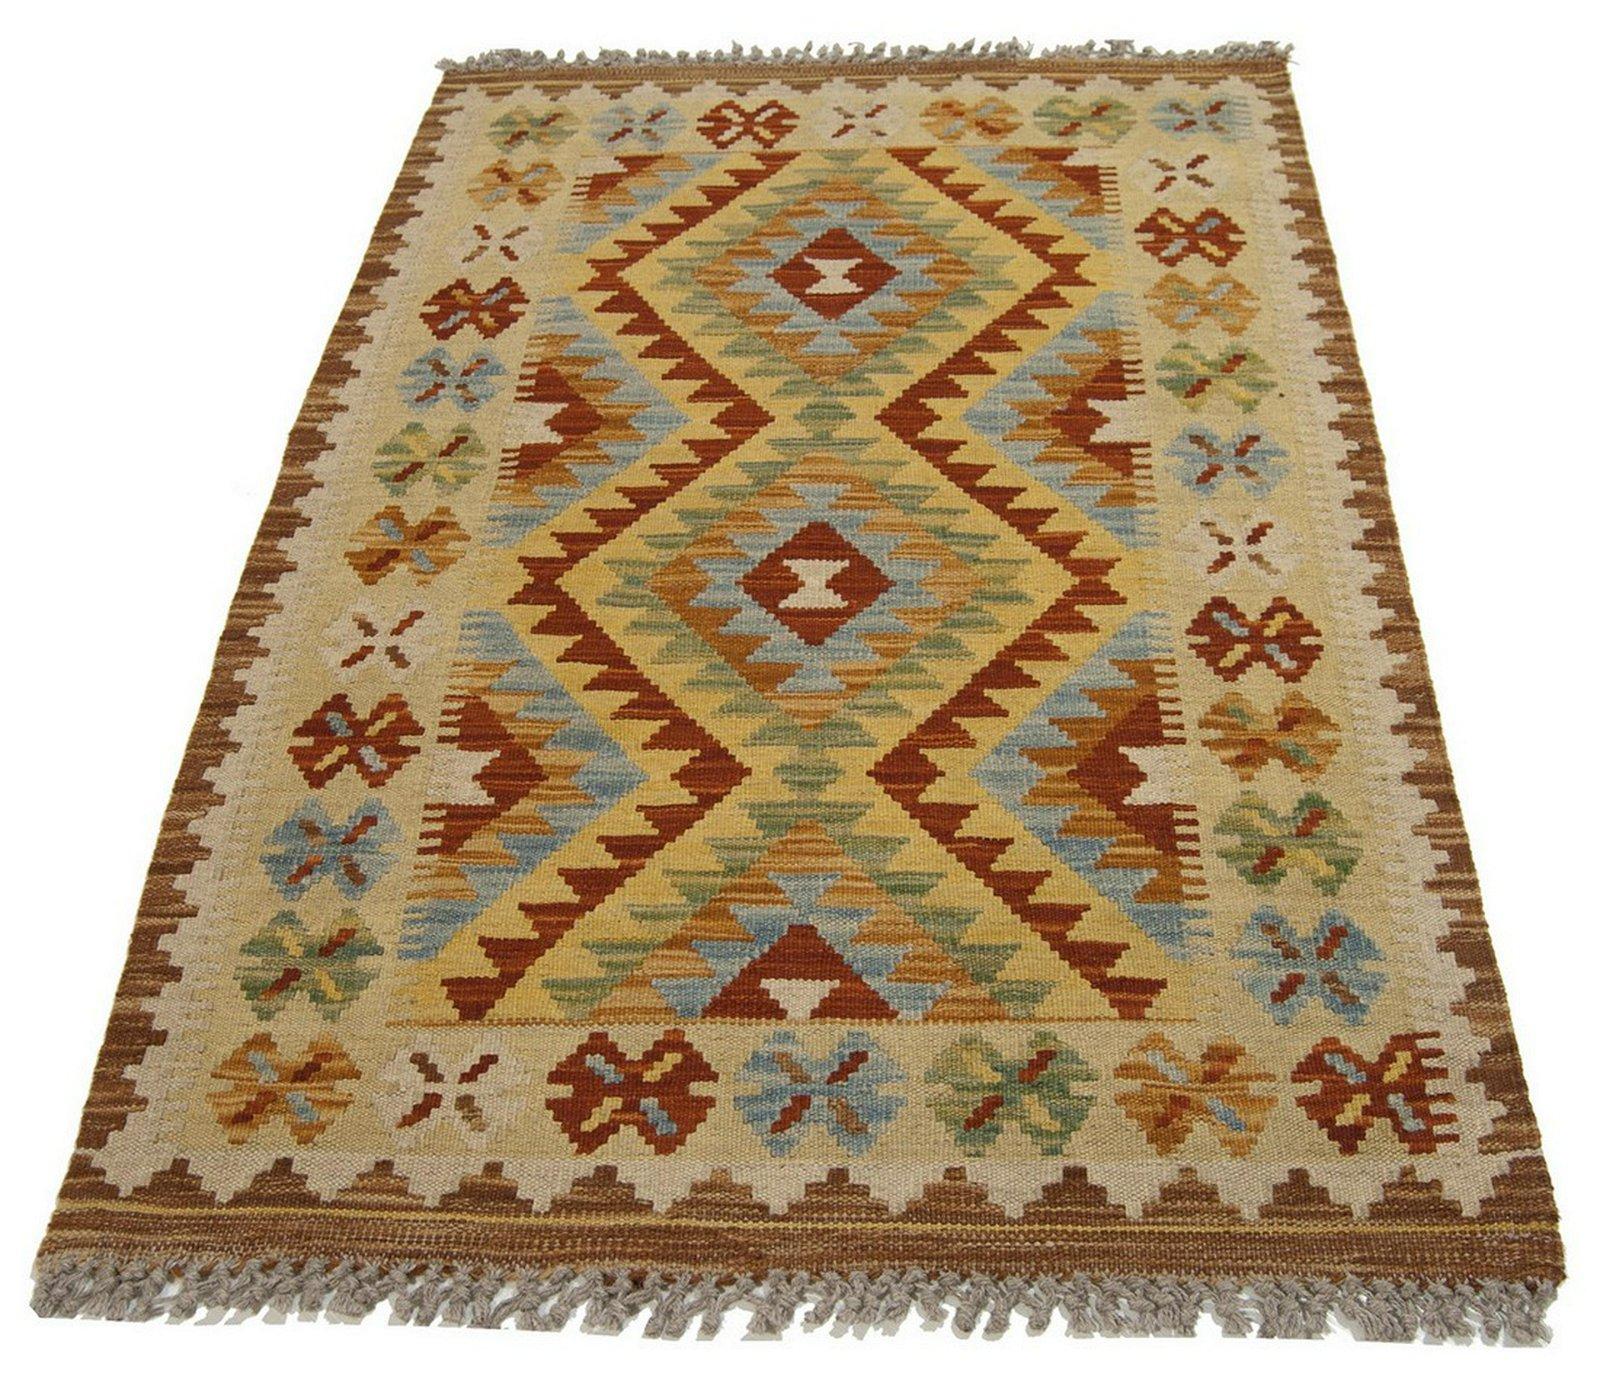 Tribal Handmade Kilim